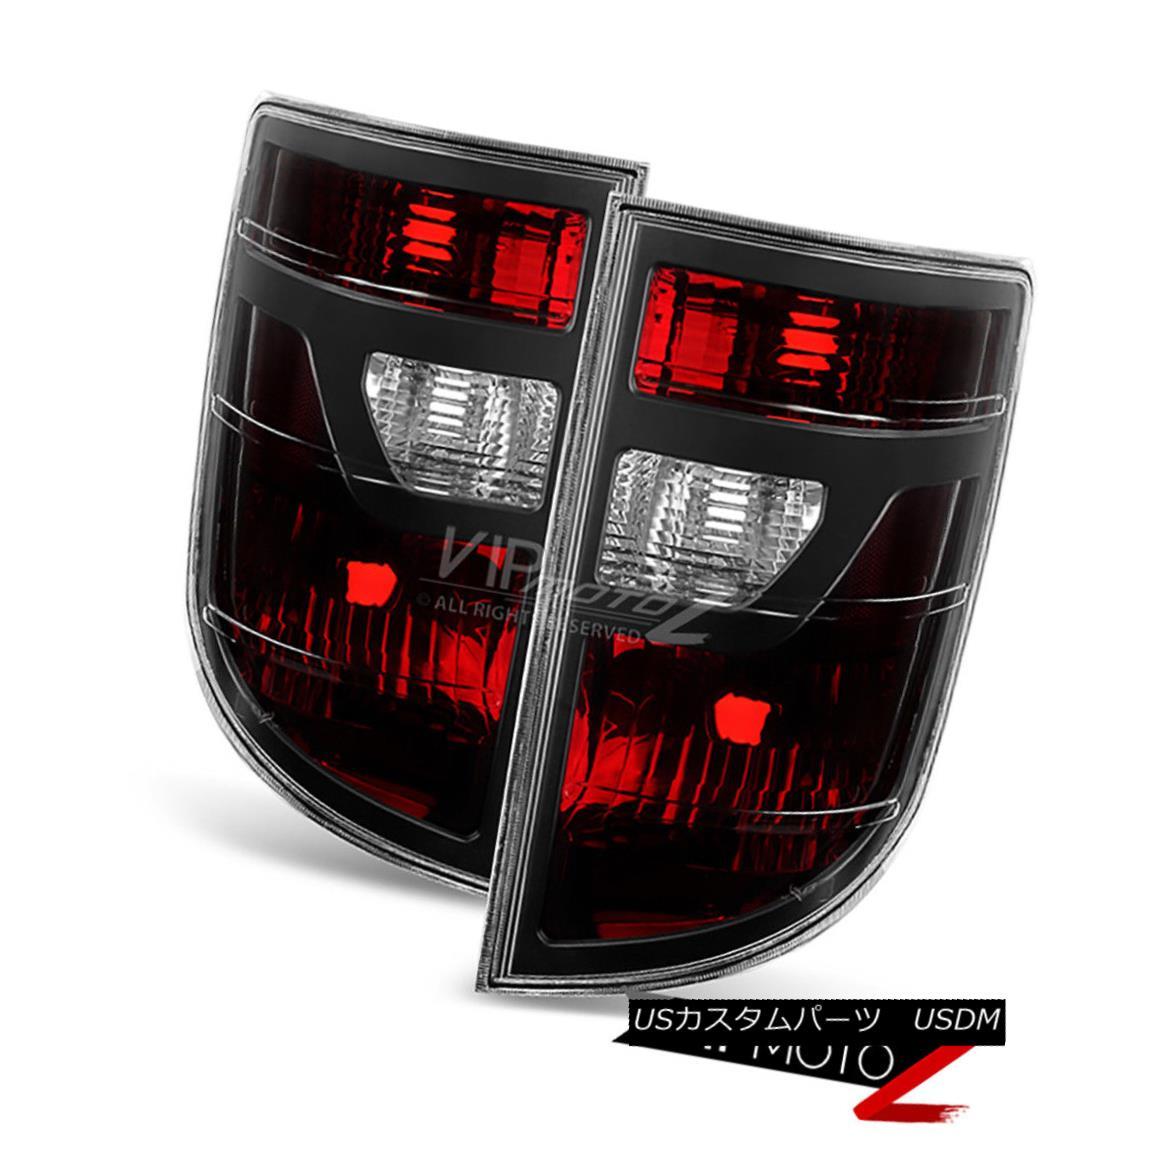 テールライト 2006 2007 2008 Honda Ridgeline [Smoked Red] Brake Taillights Tail Lamps LH+RH 2006 2007 2008 Honda Ridgeline [スモーク・レッド]ブレーキ・テールランプテール・ランプLH + RH